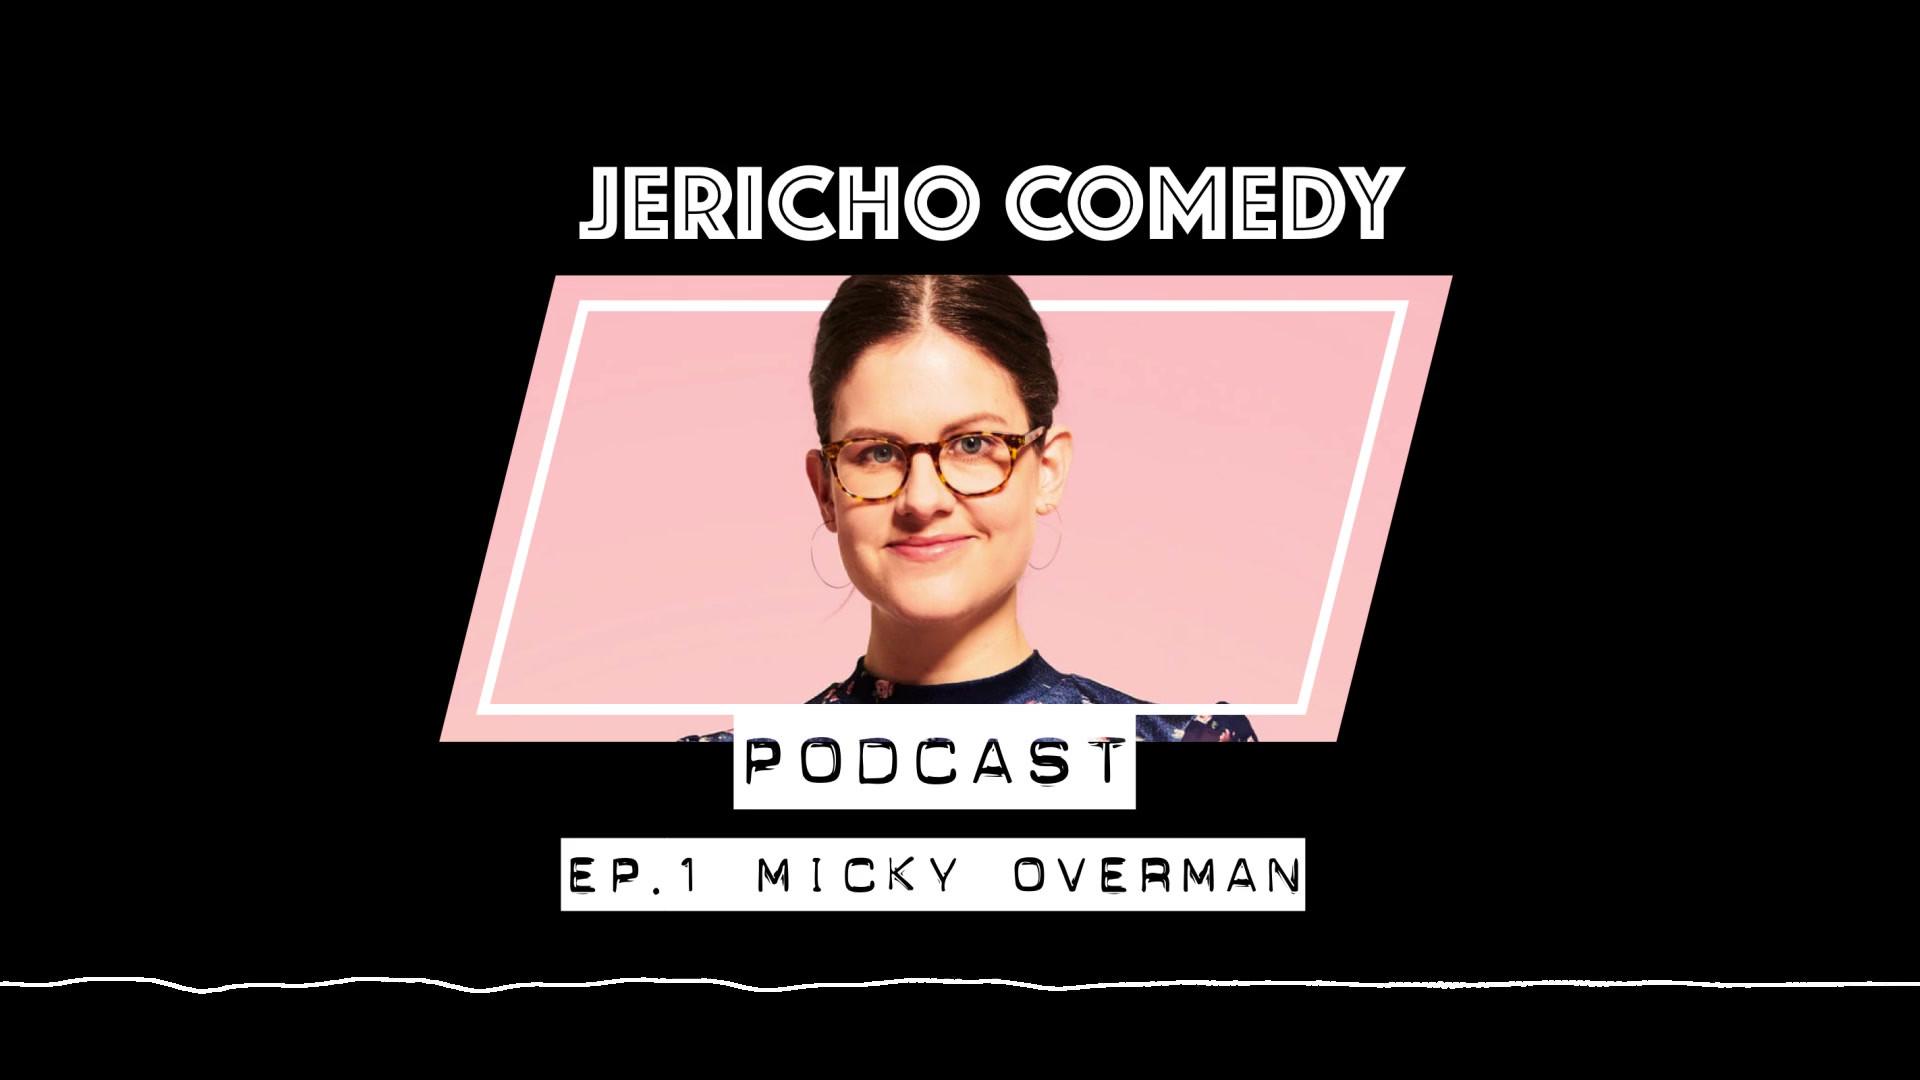 Micky Overman on the Jericho Comedy Podcast